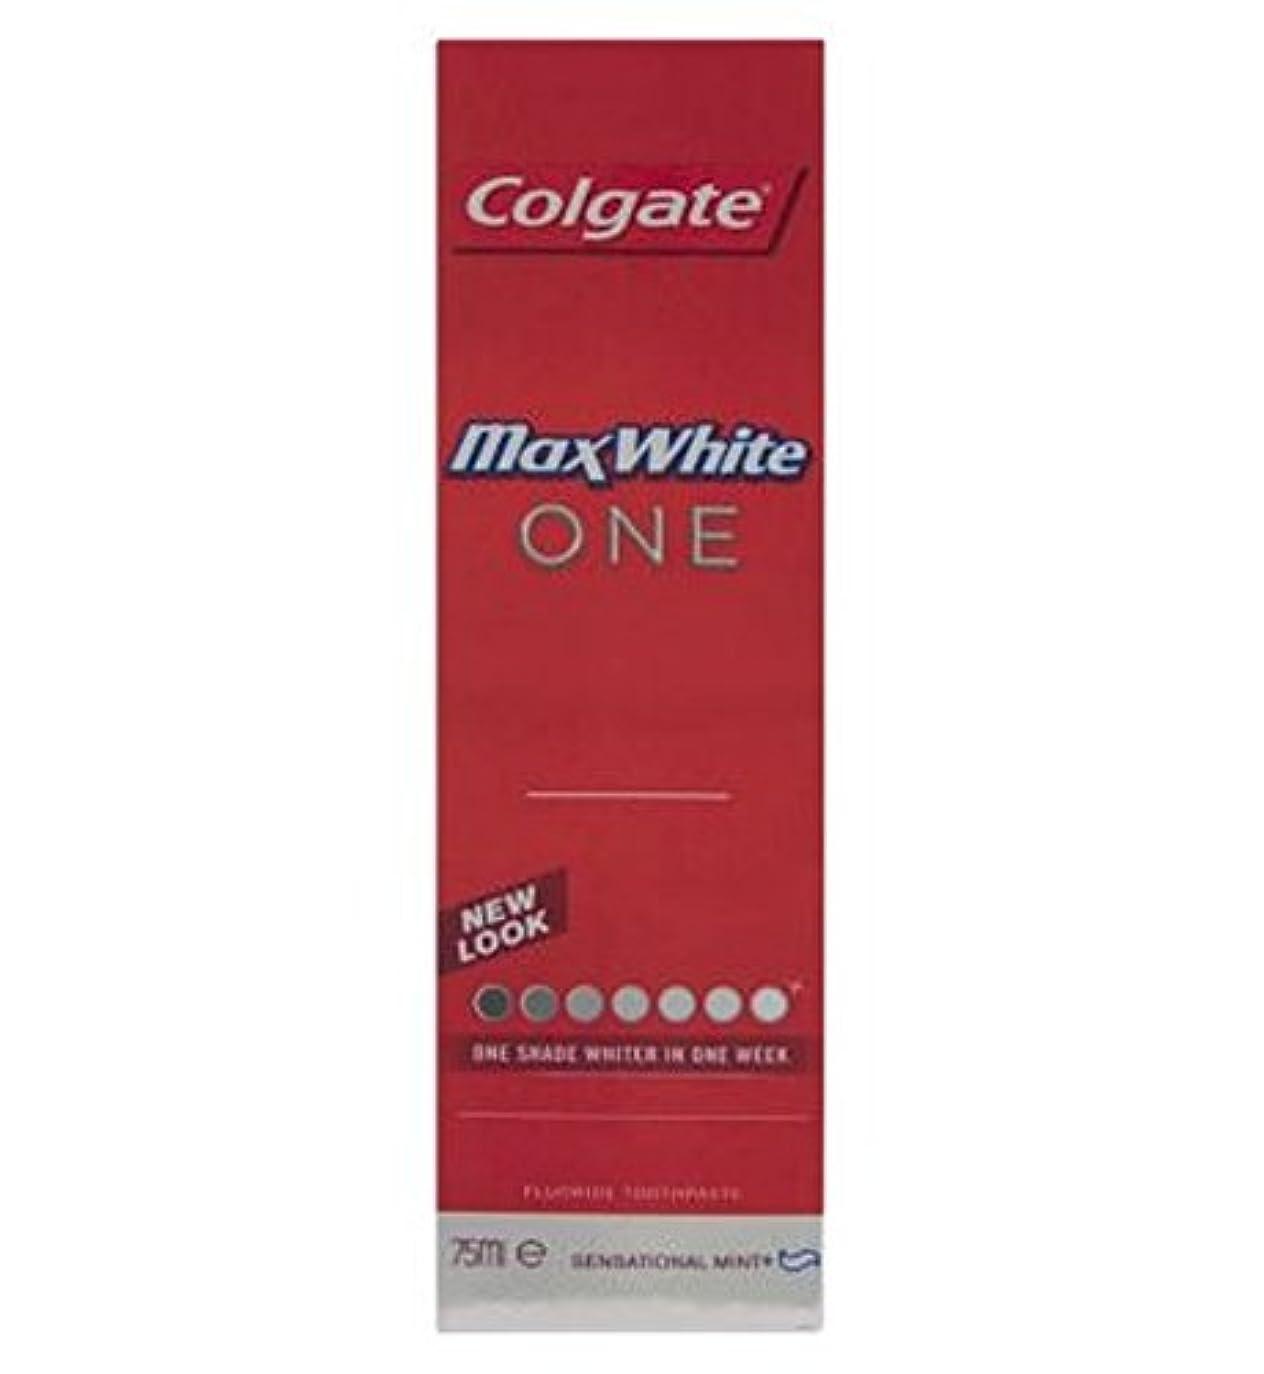 傷つける最終的に手のひらColgate Max White One Fresh toothpaste 75ml - コルゲートマックスホワイト1新鮮な歯磨き粉75ミリリットル (Colgate) [並行輸入品]